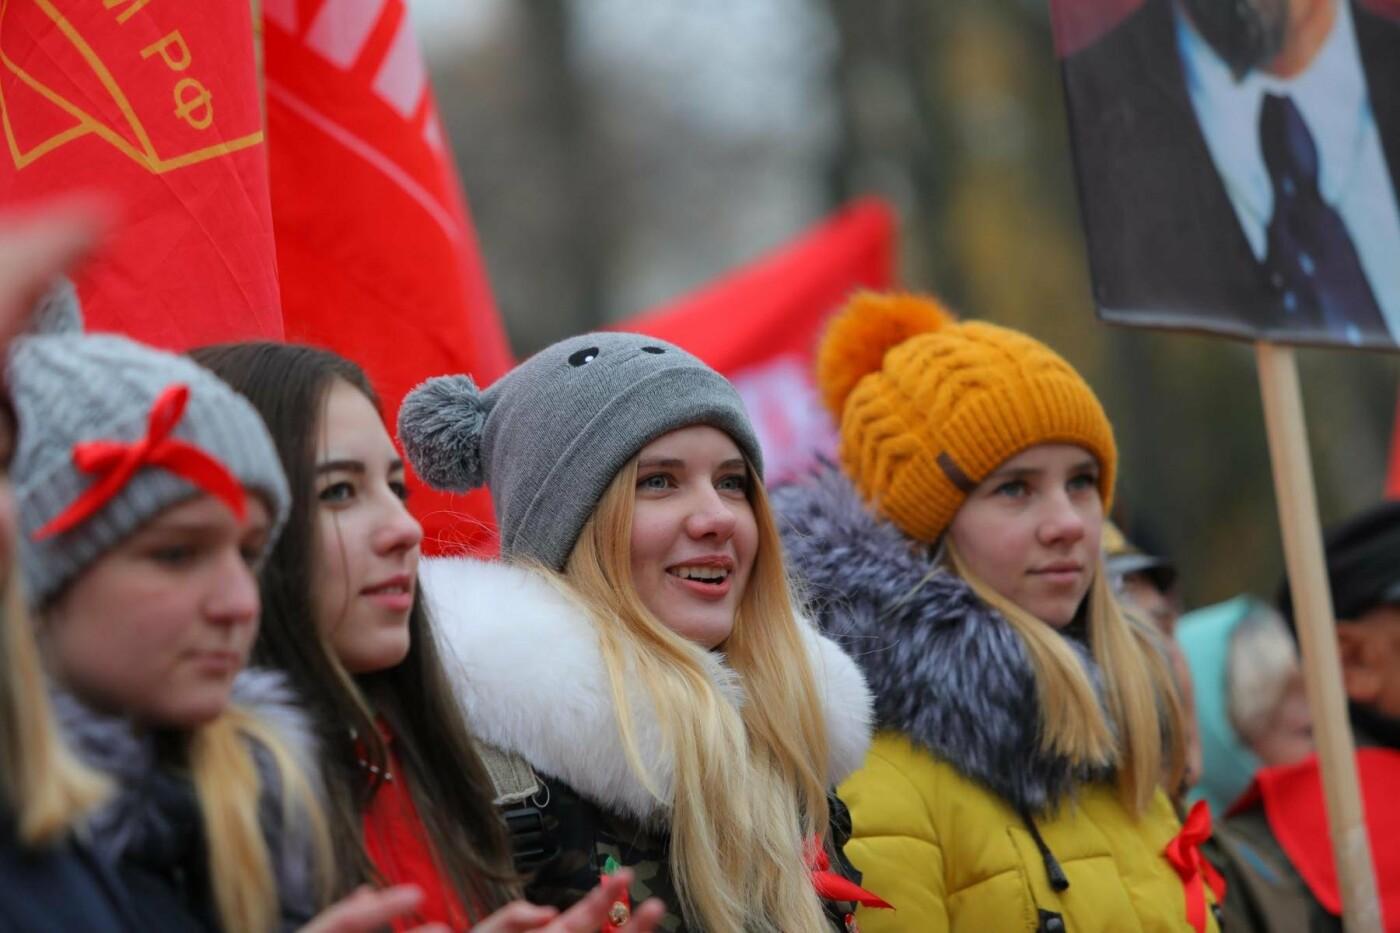 В парке Победы прошла демонстрация в честь 100-летия революции, фото-17